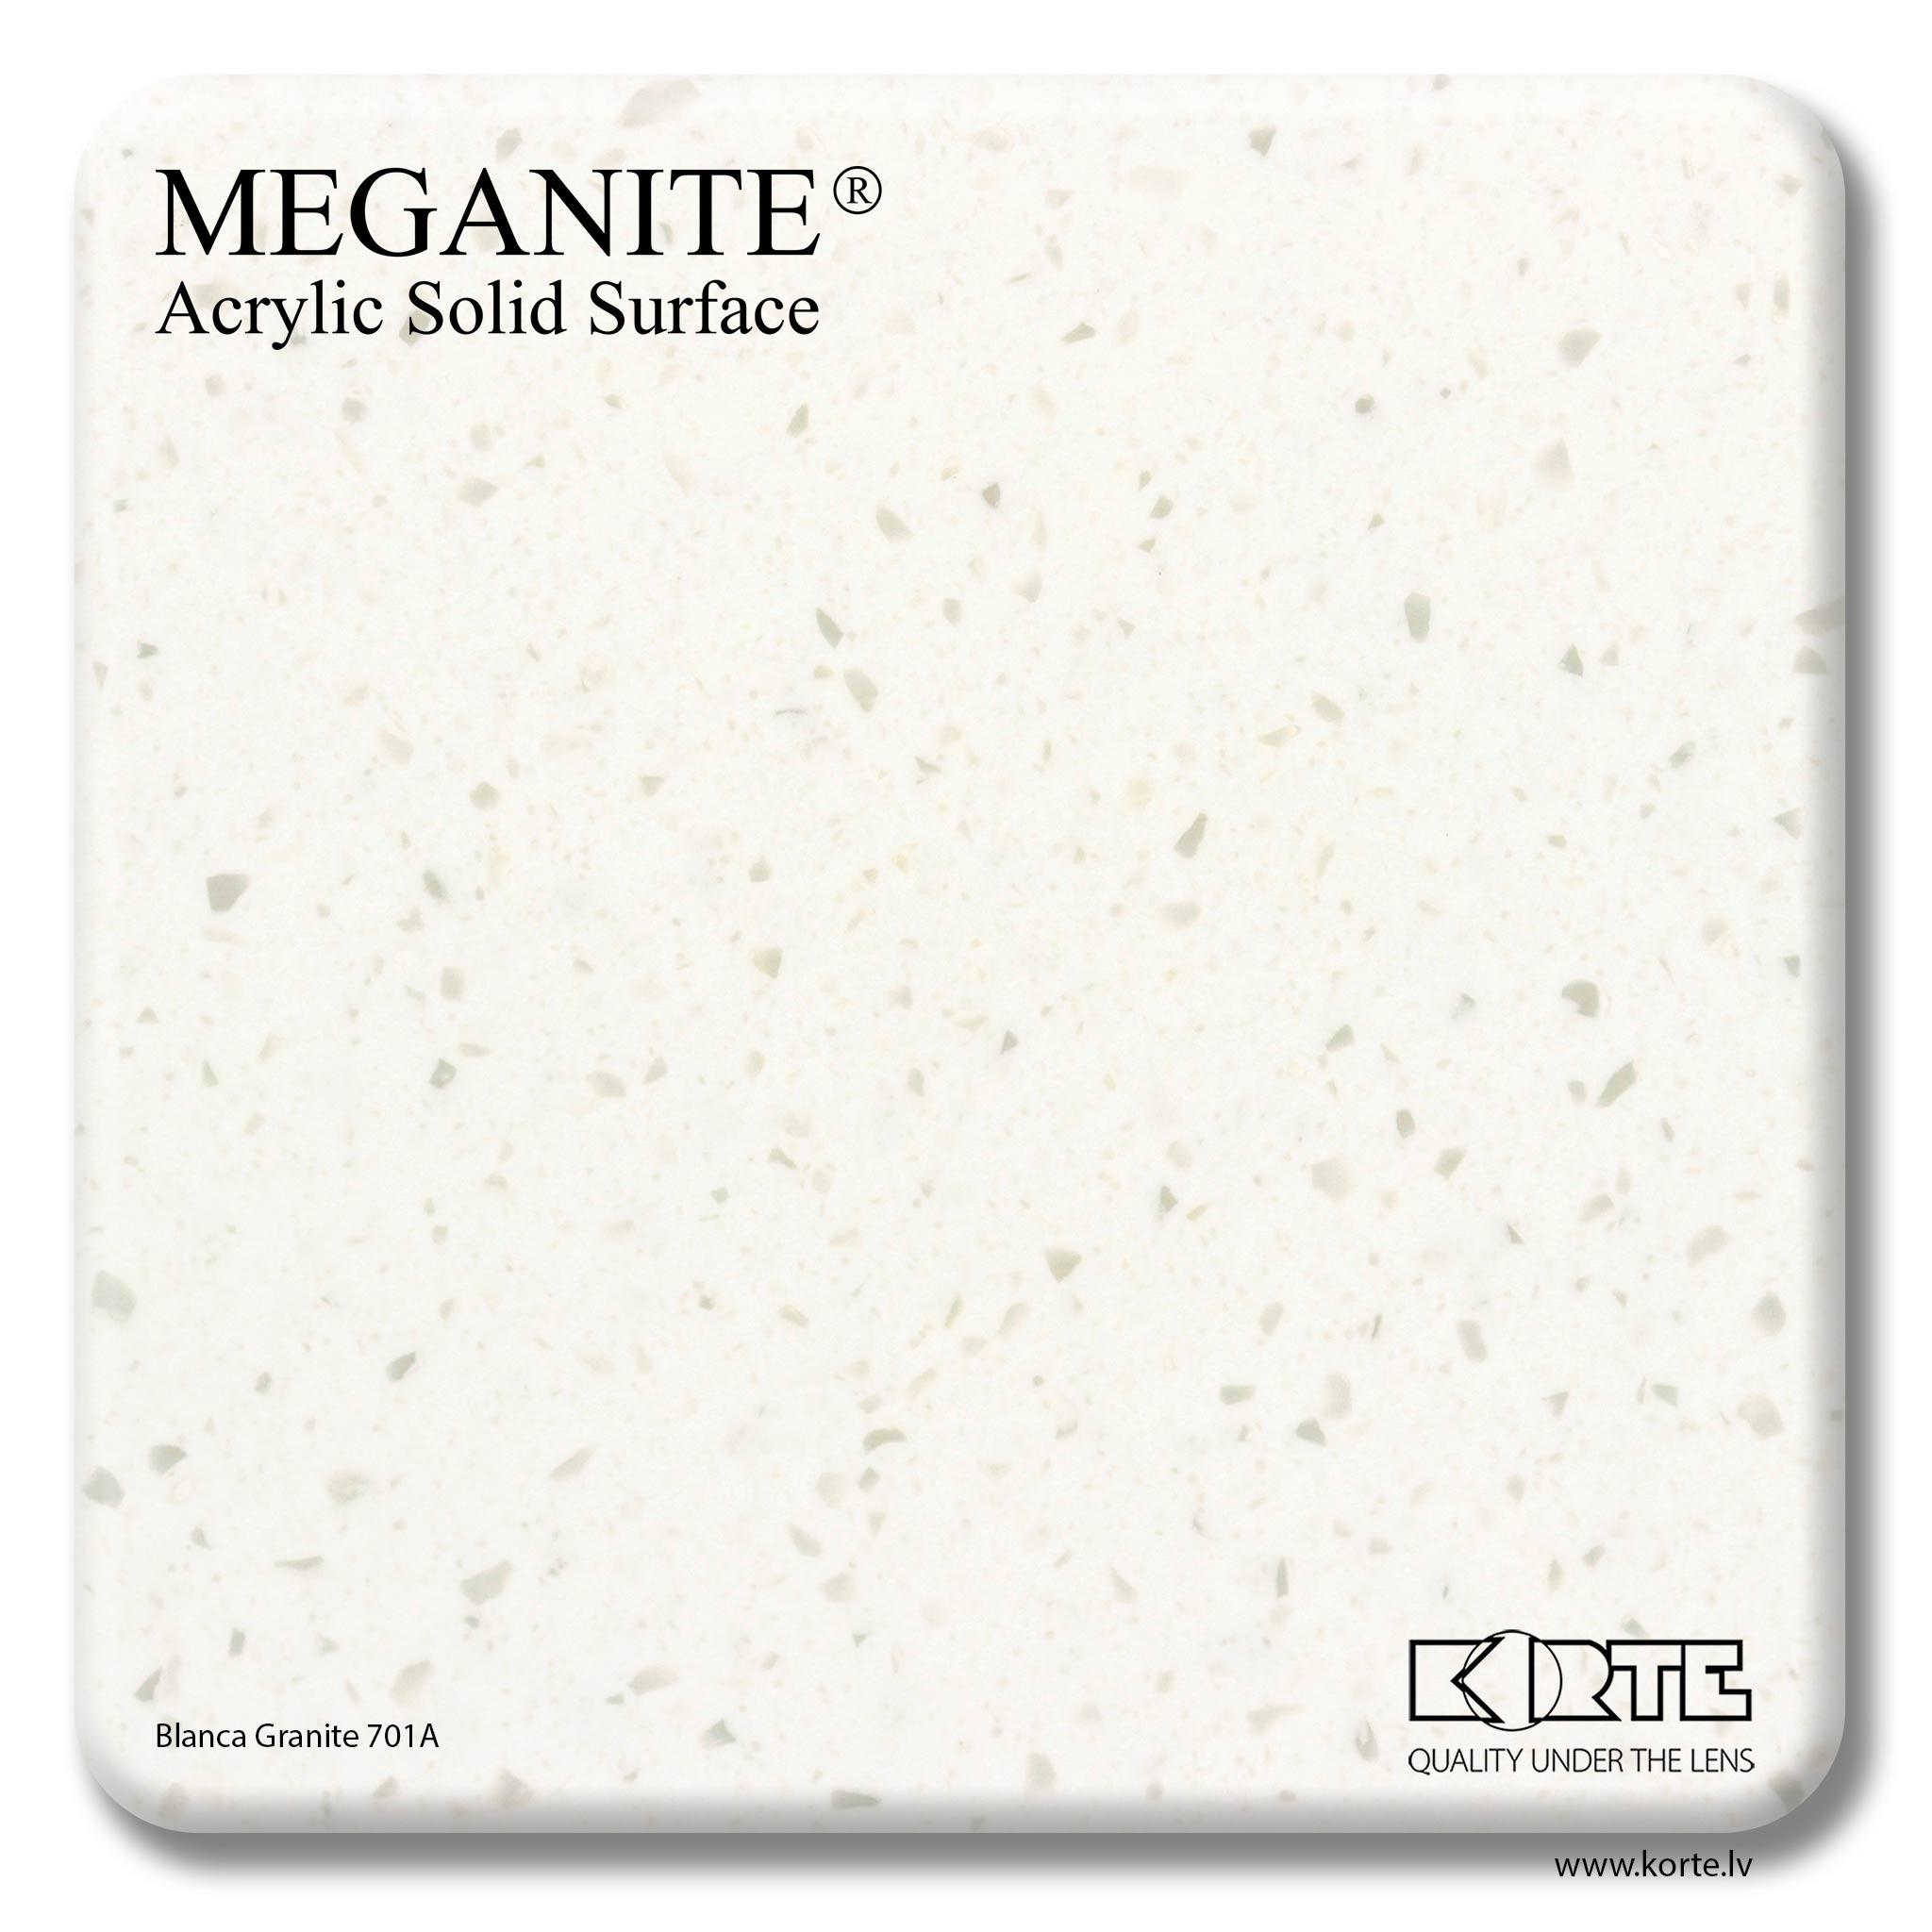 Meganite Blanca Granite 701A